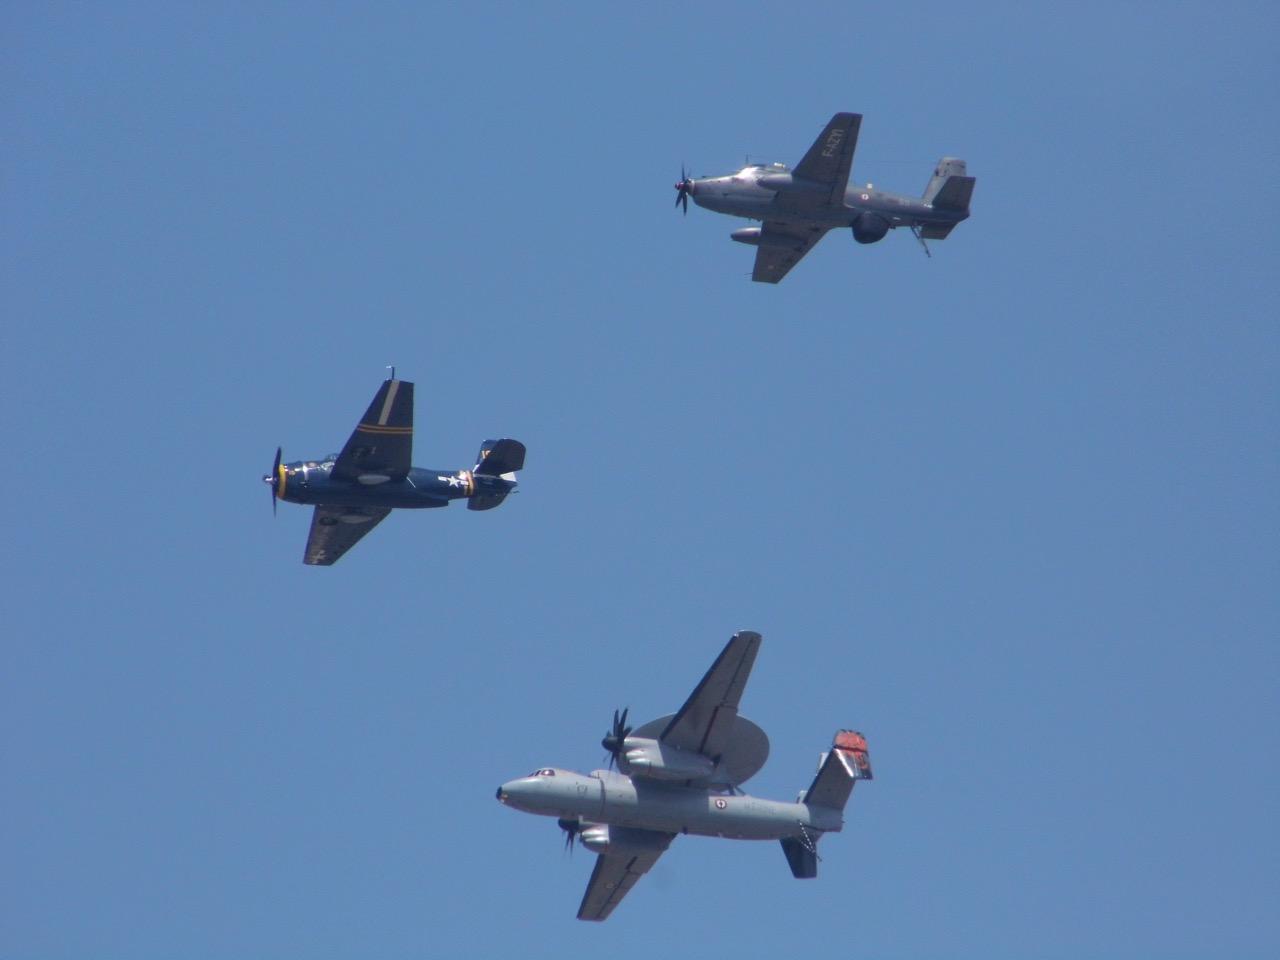 Juin 2016, Centenaire CEPA base d'aéronautique navale de Hyères ...